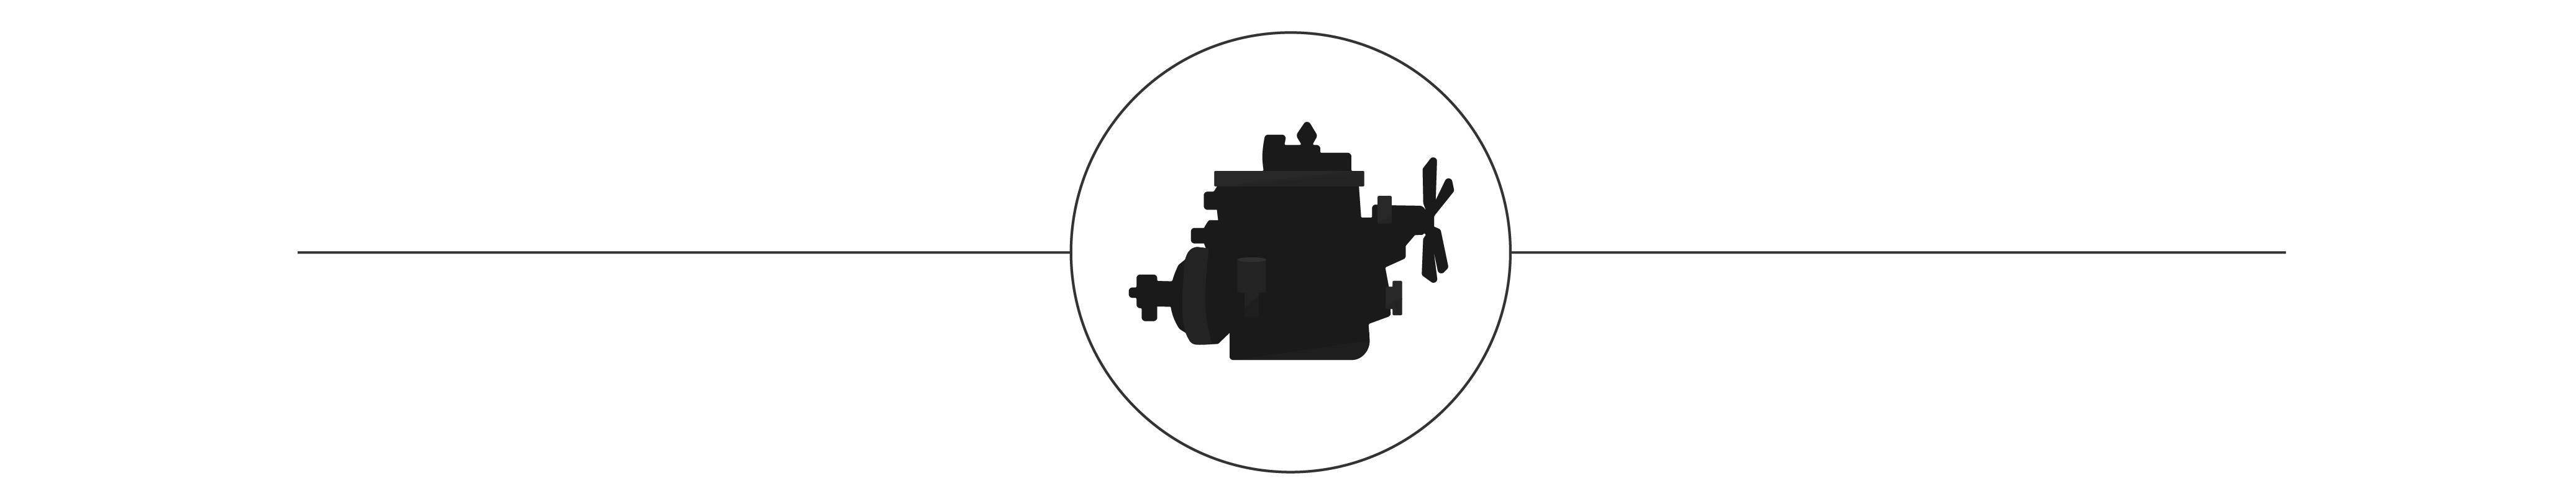 схема сборки фар на бмв е34